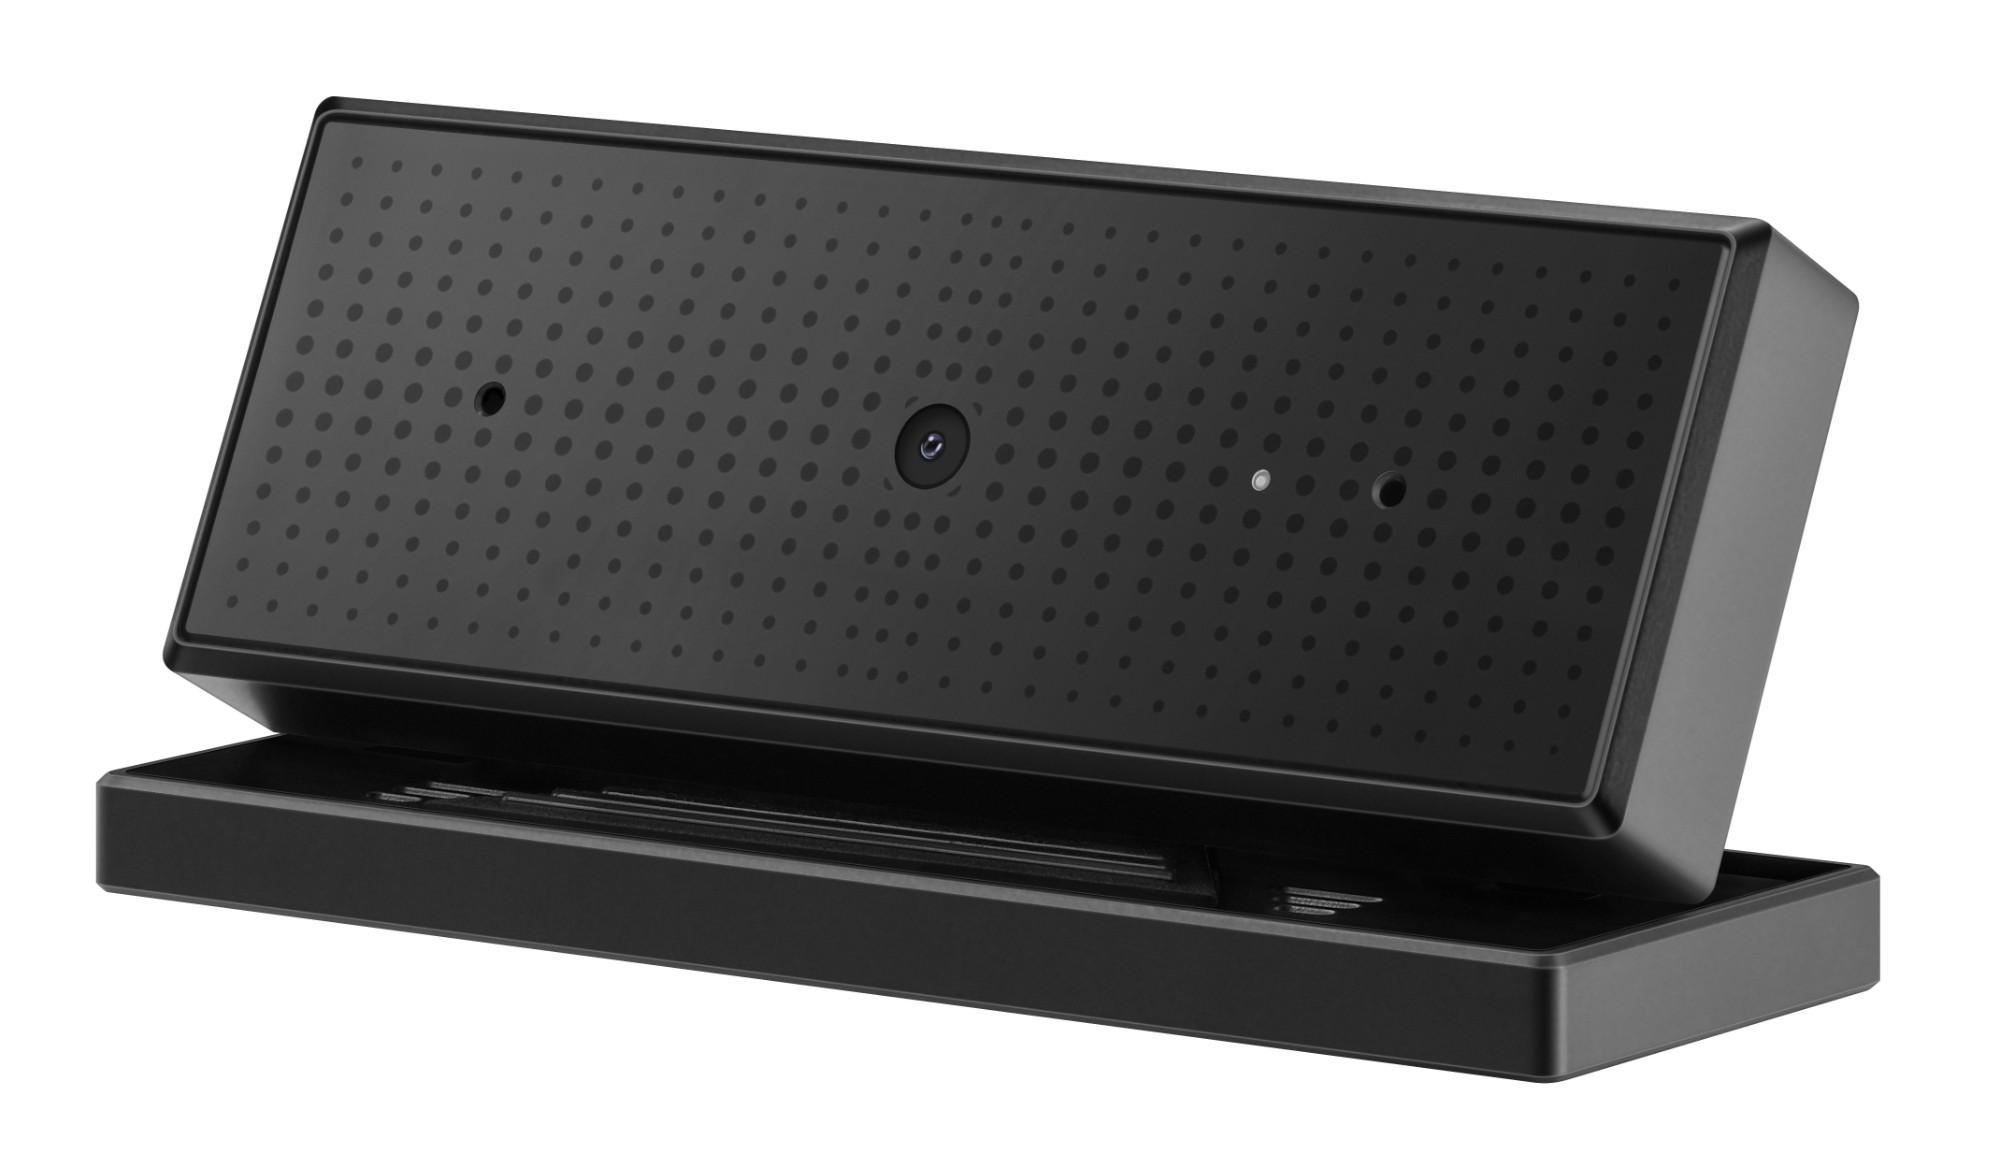 ASUS ROG EYE S webcam 5 MP 1920 x 1080 pixels USB Black